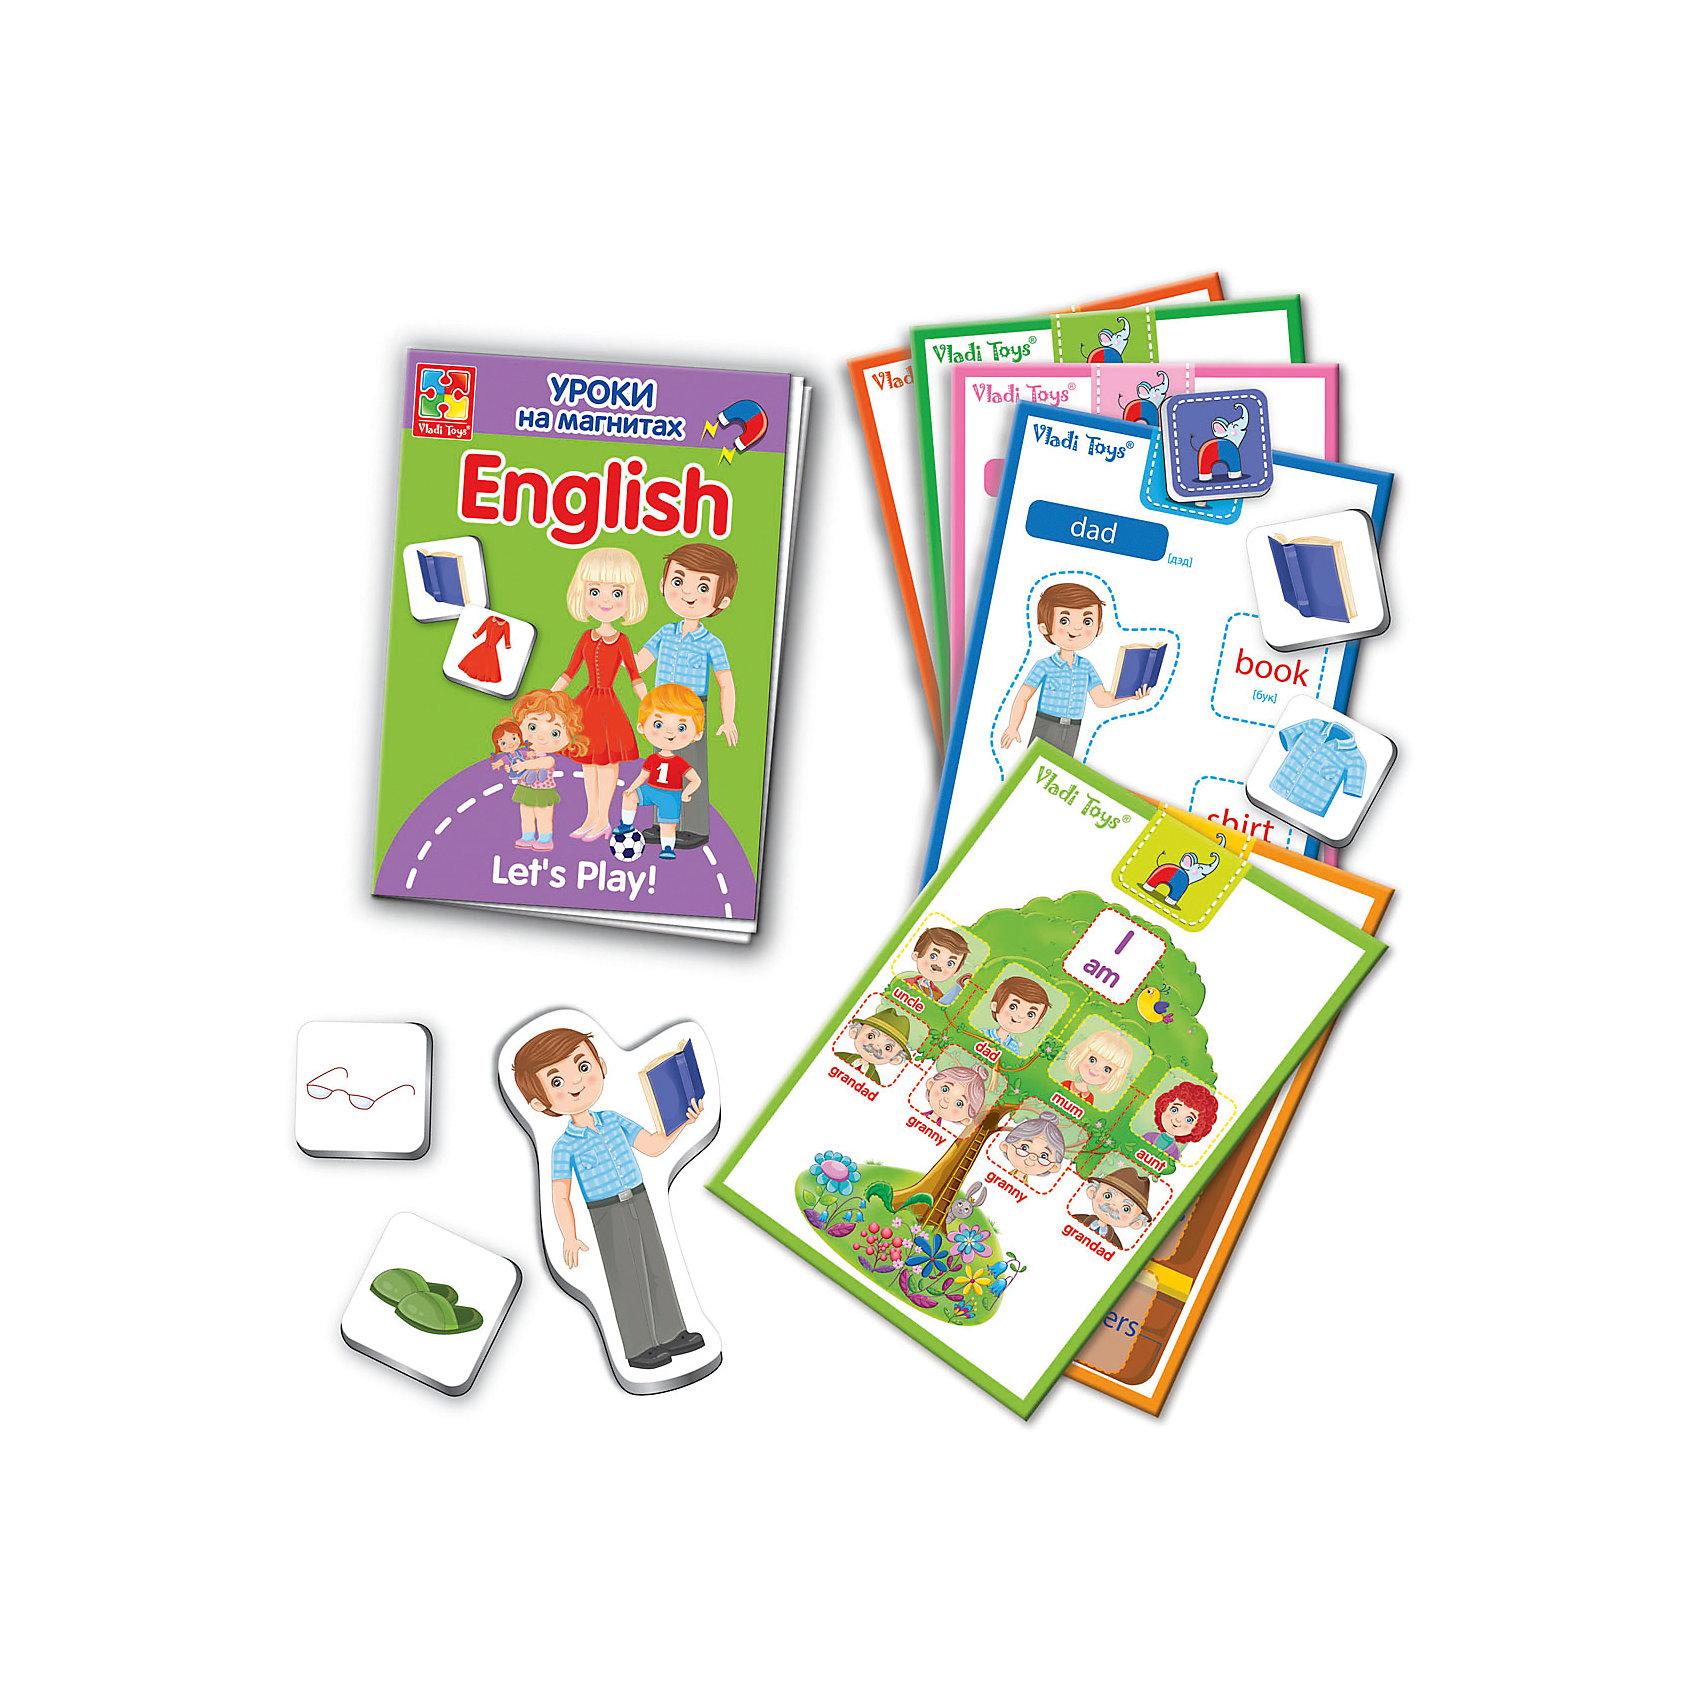 Vladi Toys Уроки на магнитах English Семья, Vladi Toys mastering english prepositions